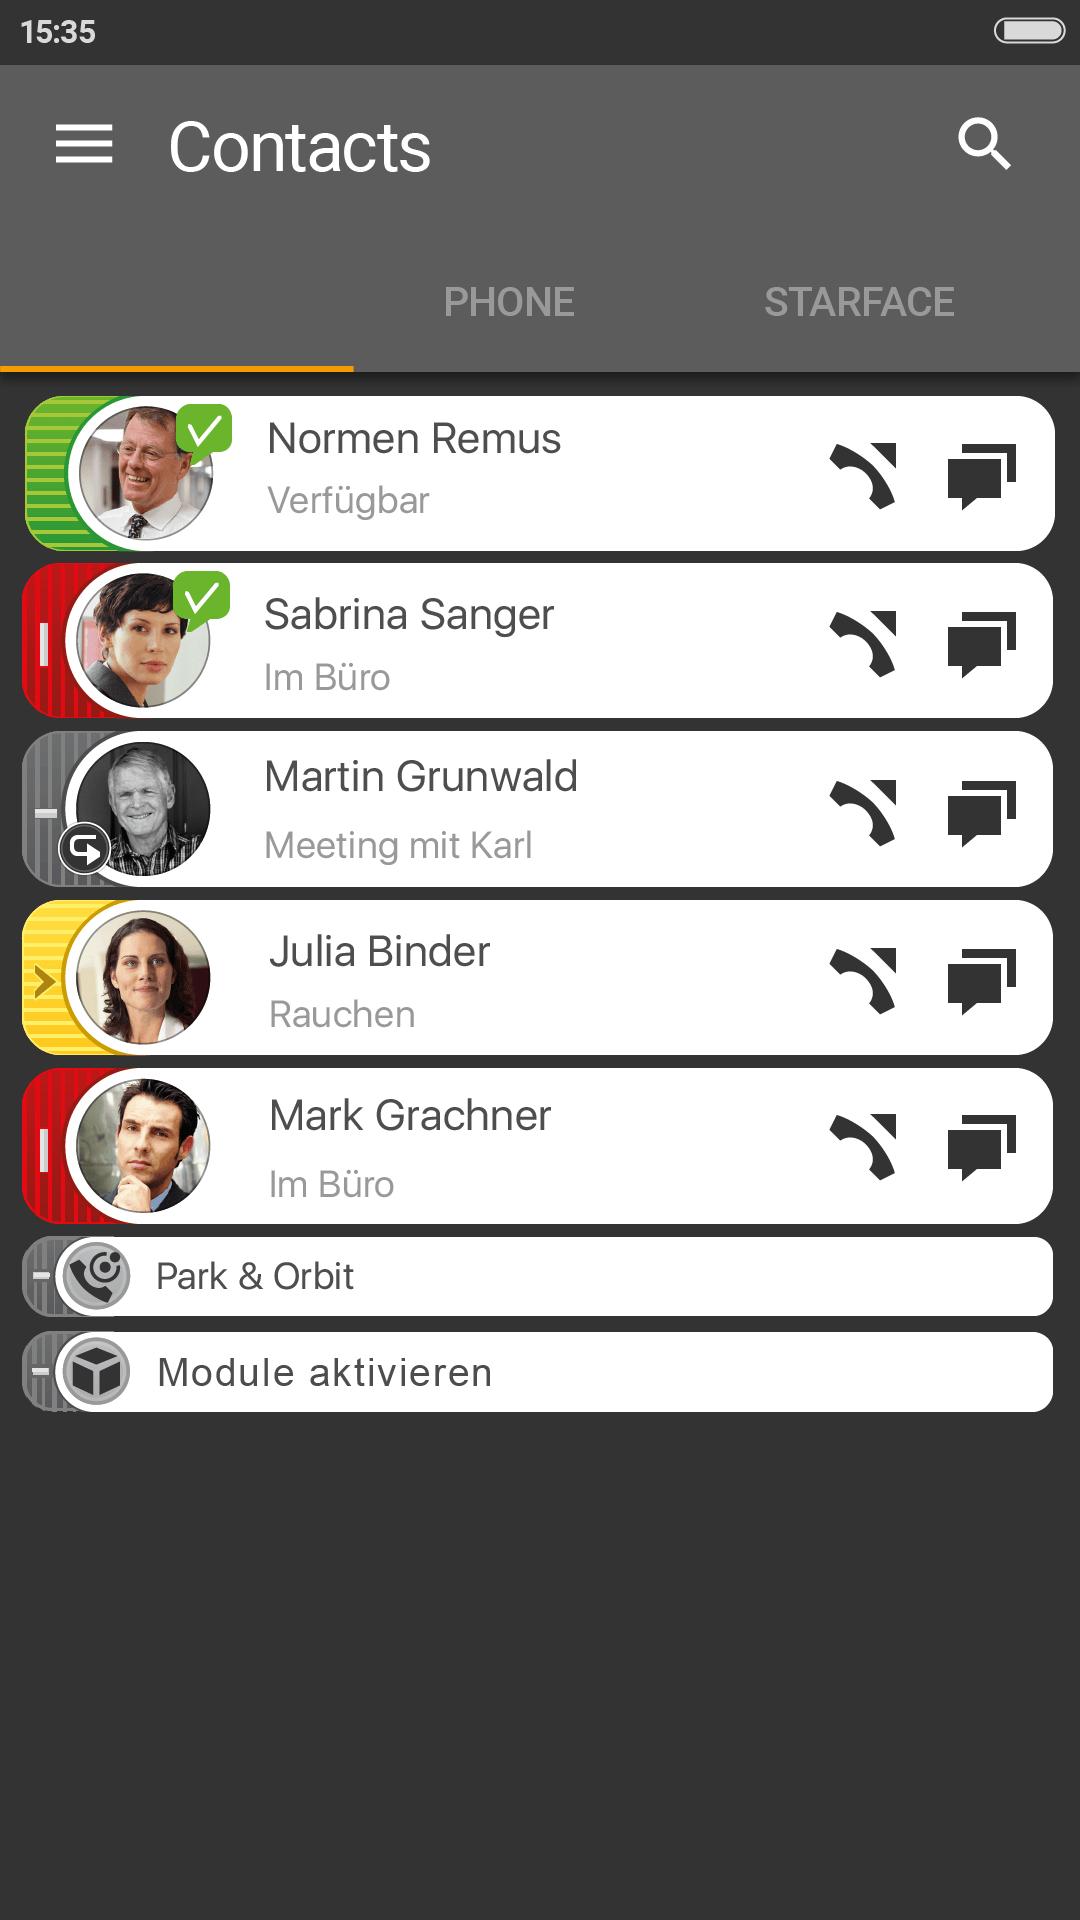 STARFACE Mobile Client fÅr Android Tasten 15. Juni 2021